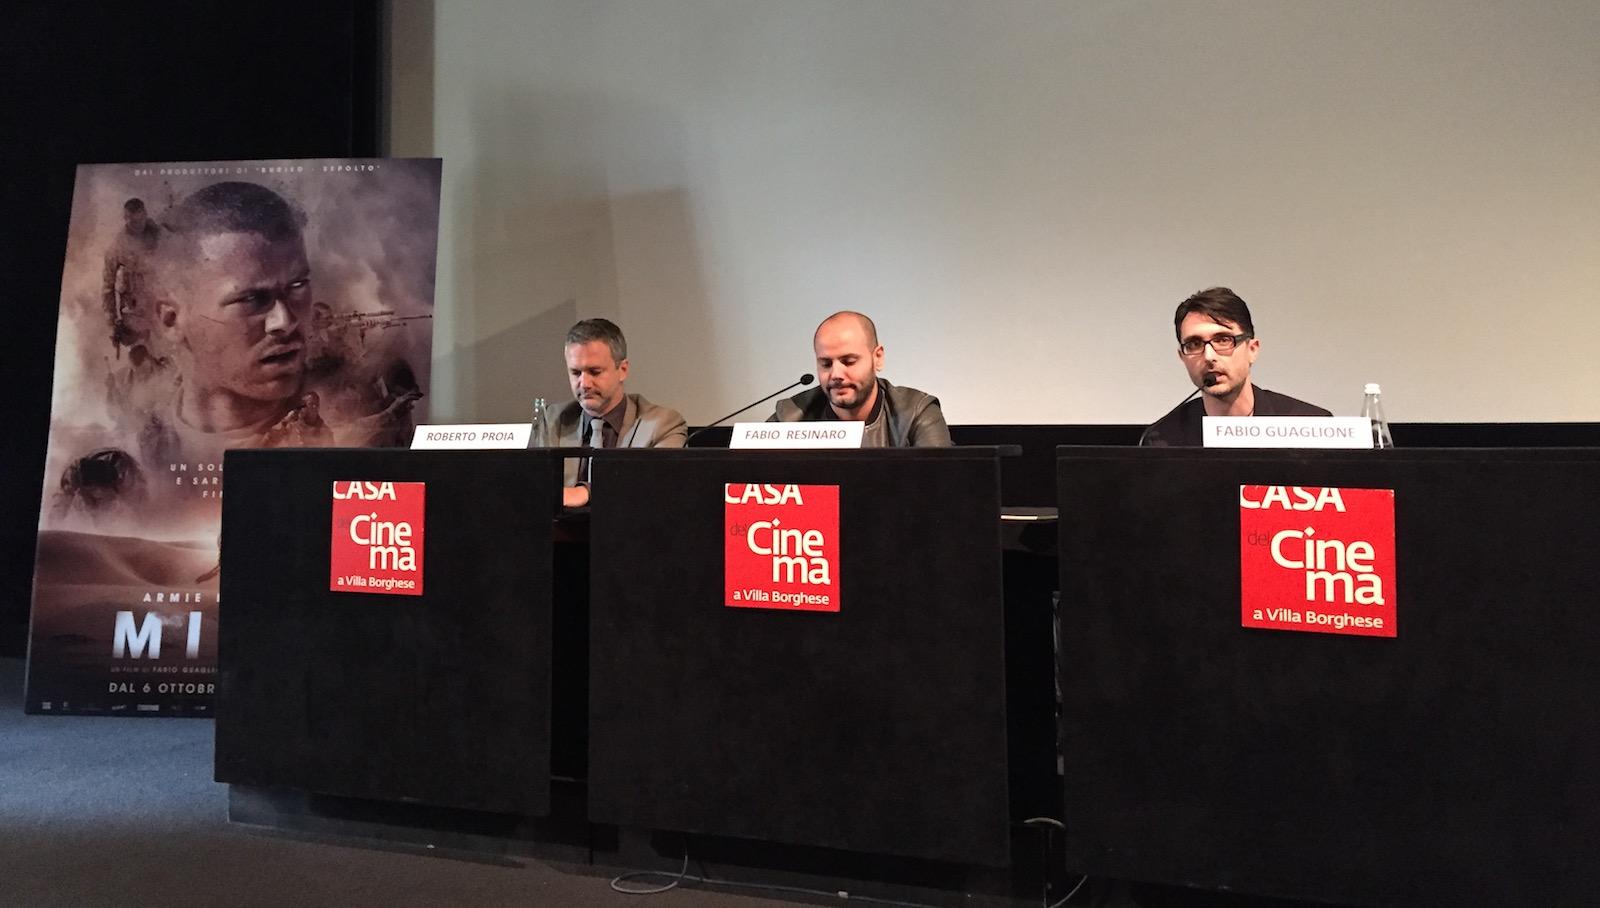 Mine: I registi Fabio Guaglione e Fabio Resinaro in conferenza a Roma